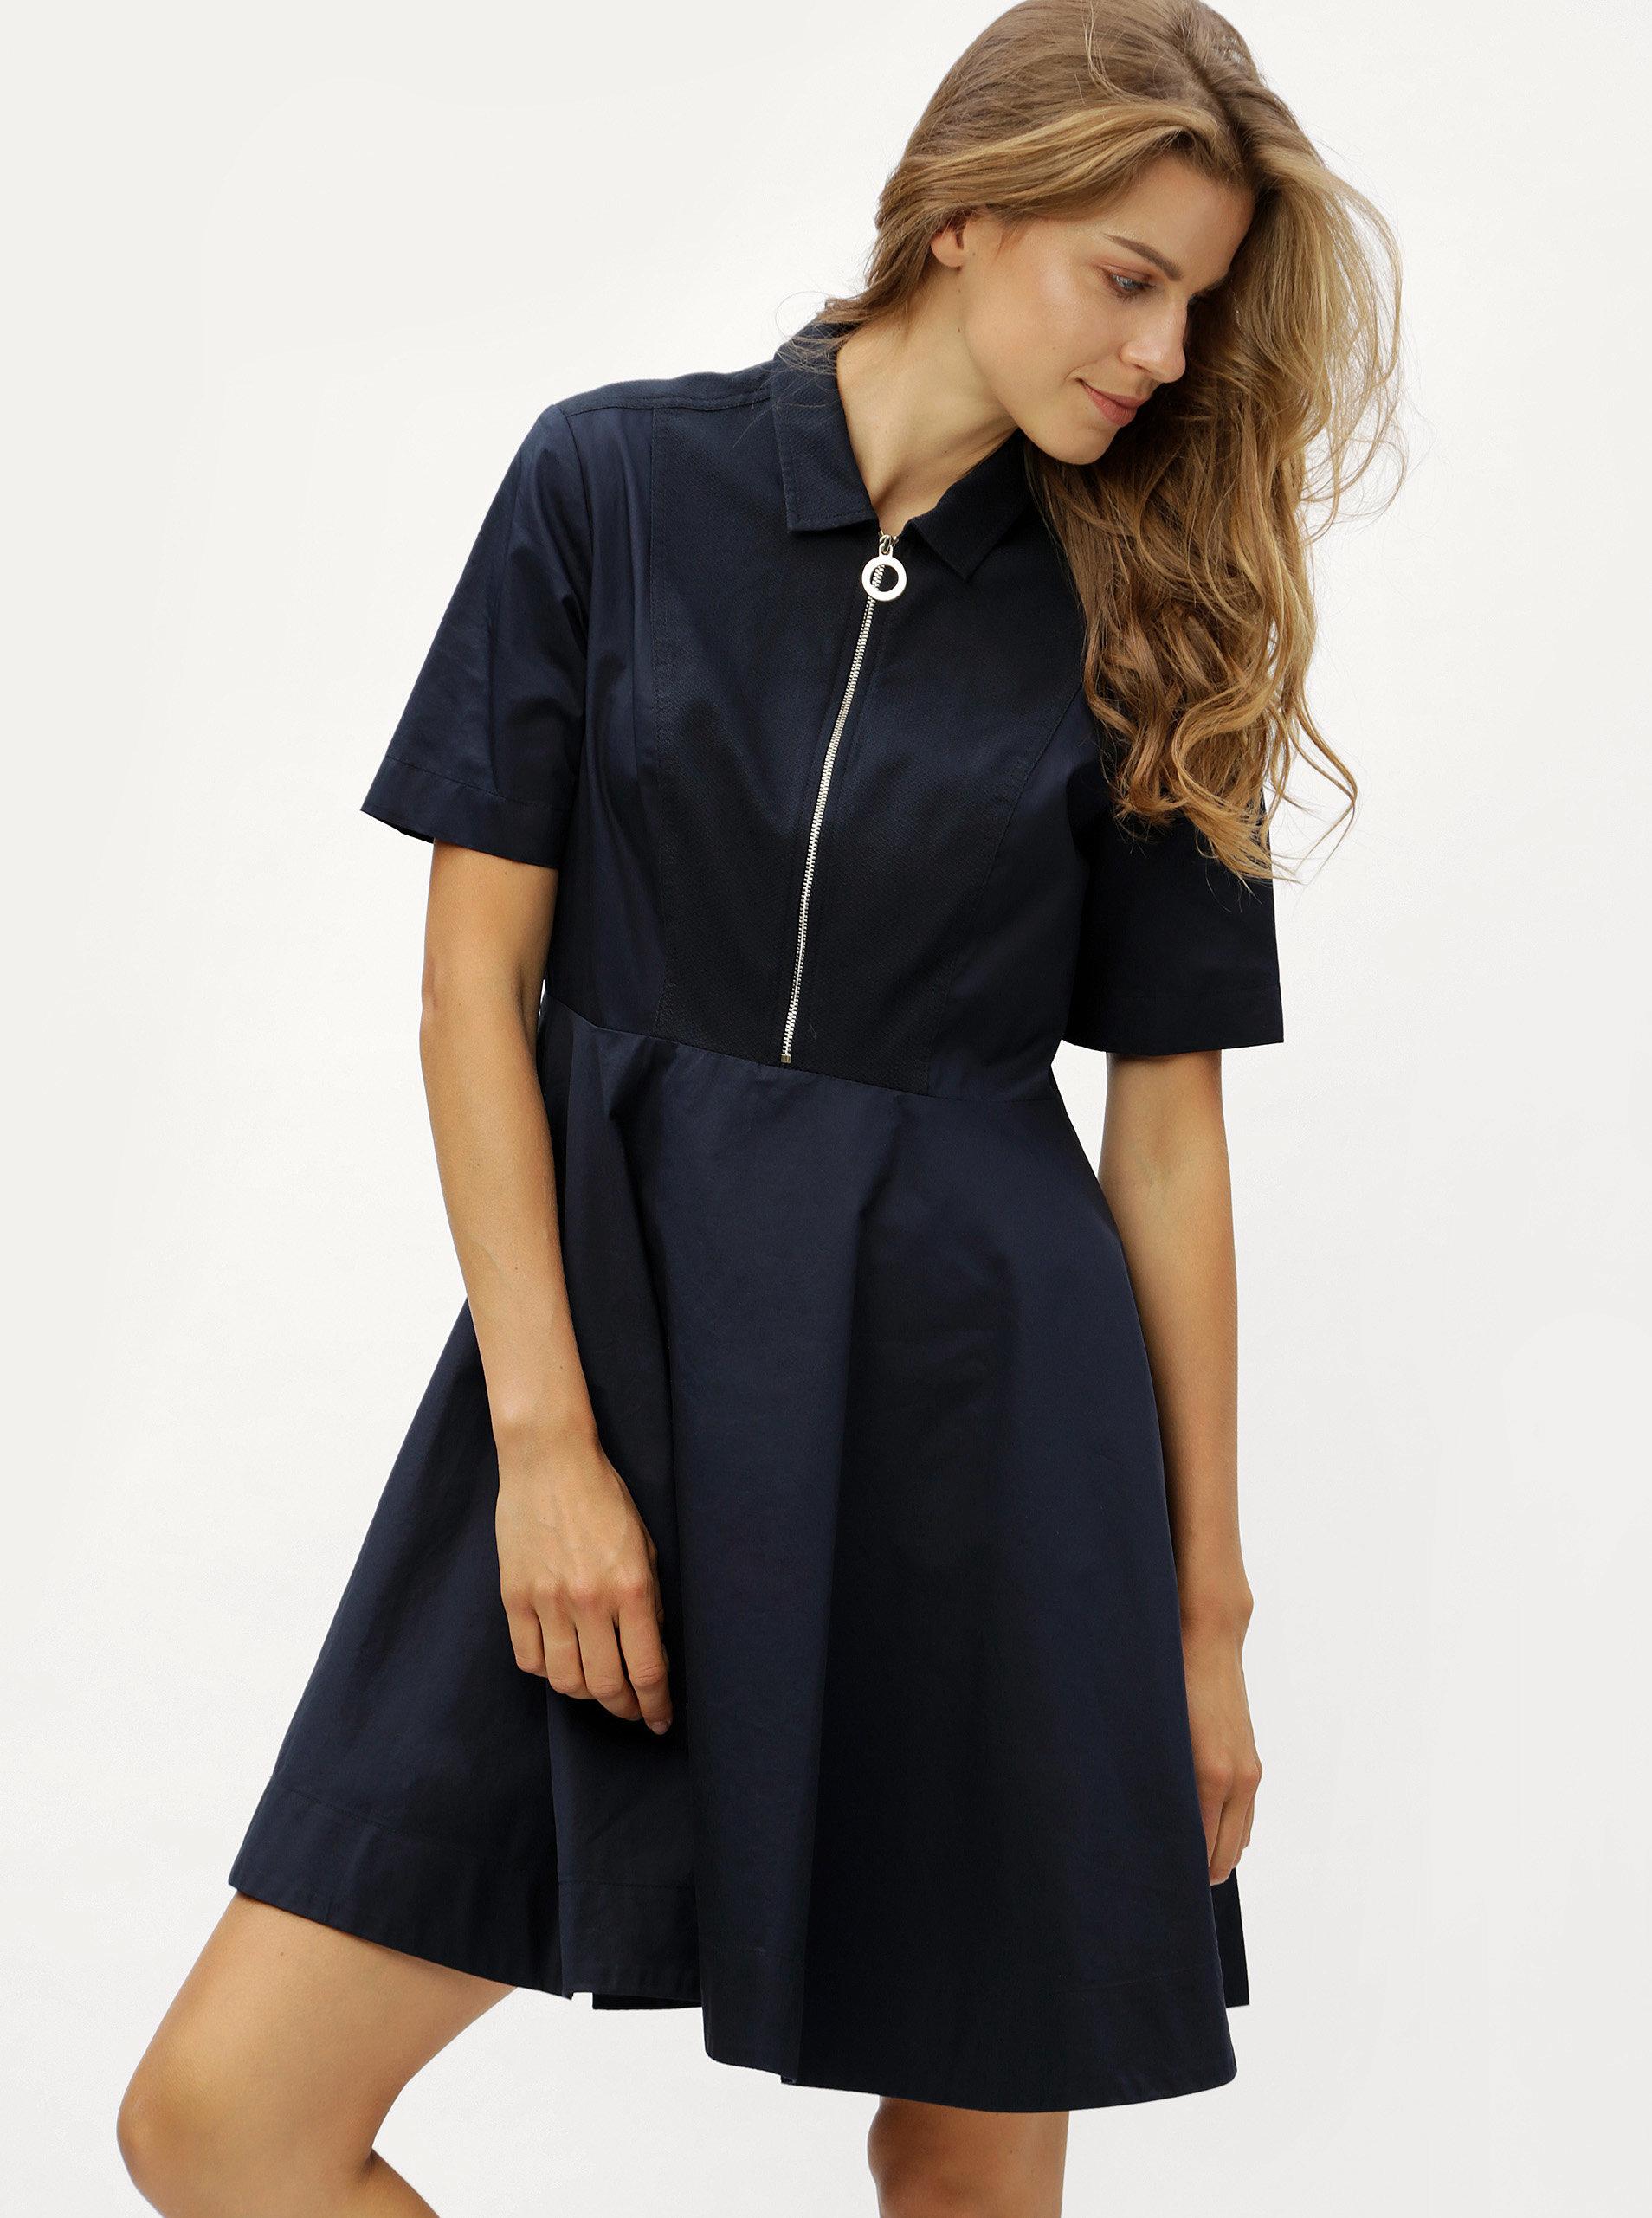 Tmavě modré šaty se zipem Tommy Hilfiger ... 35d7f0f8443